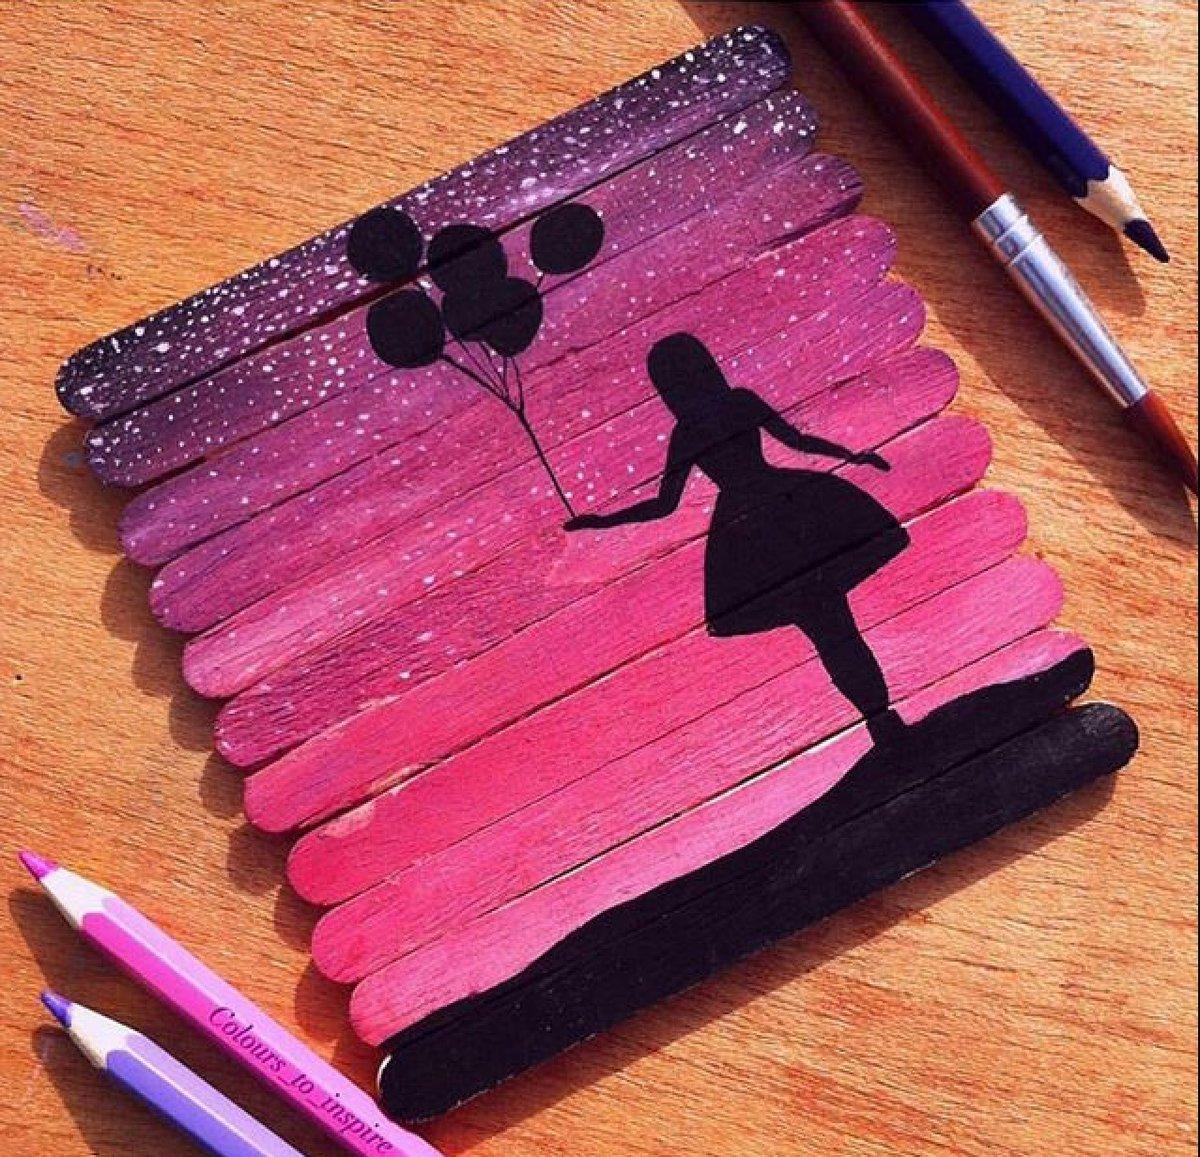 Как нарисовать красивую картинку своими руками, февраля поздравления